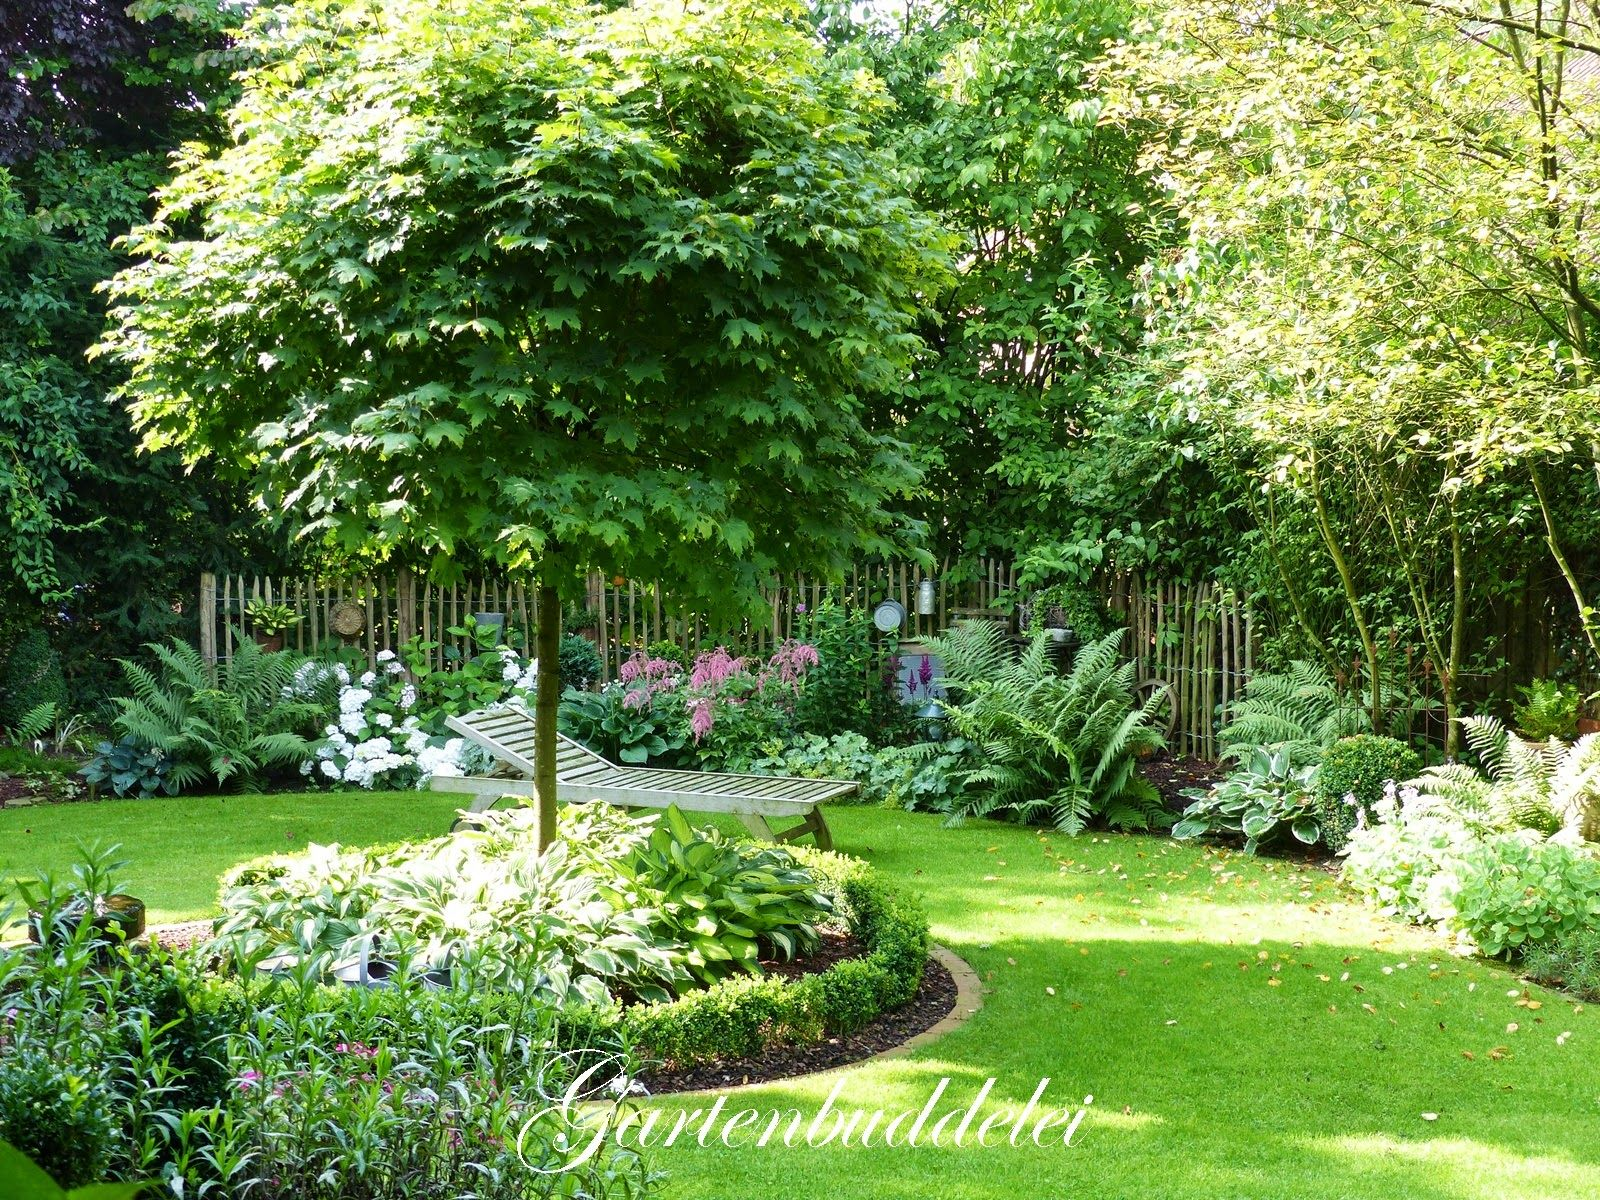 Gartenbuddelei kleiner gartenrundgang gartenideen garten garten ideen und naturnaher garten - Schrebergarten anlegen ...